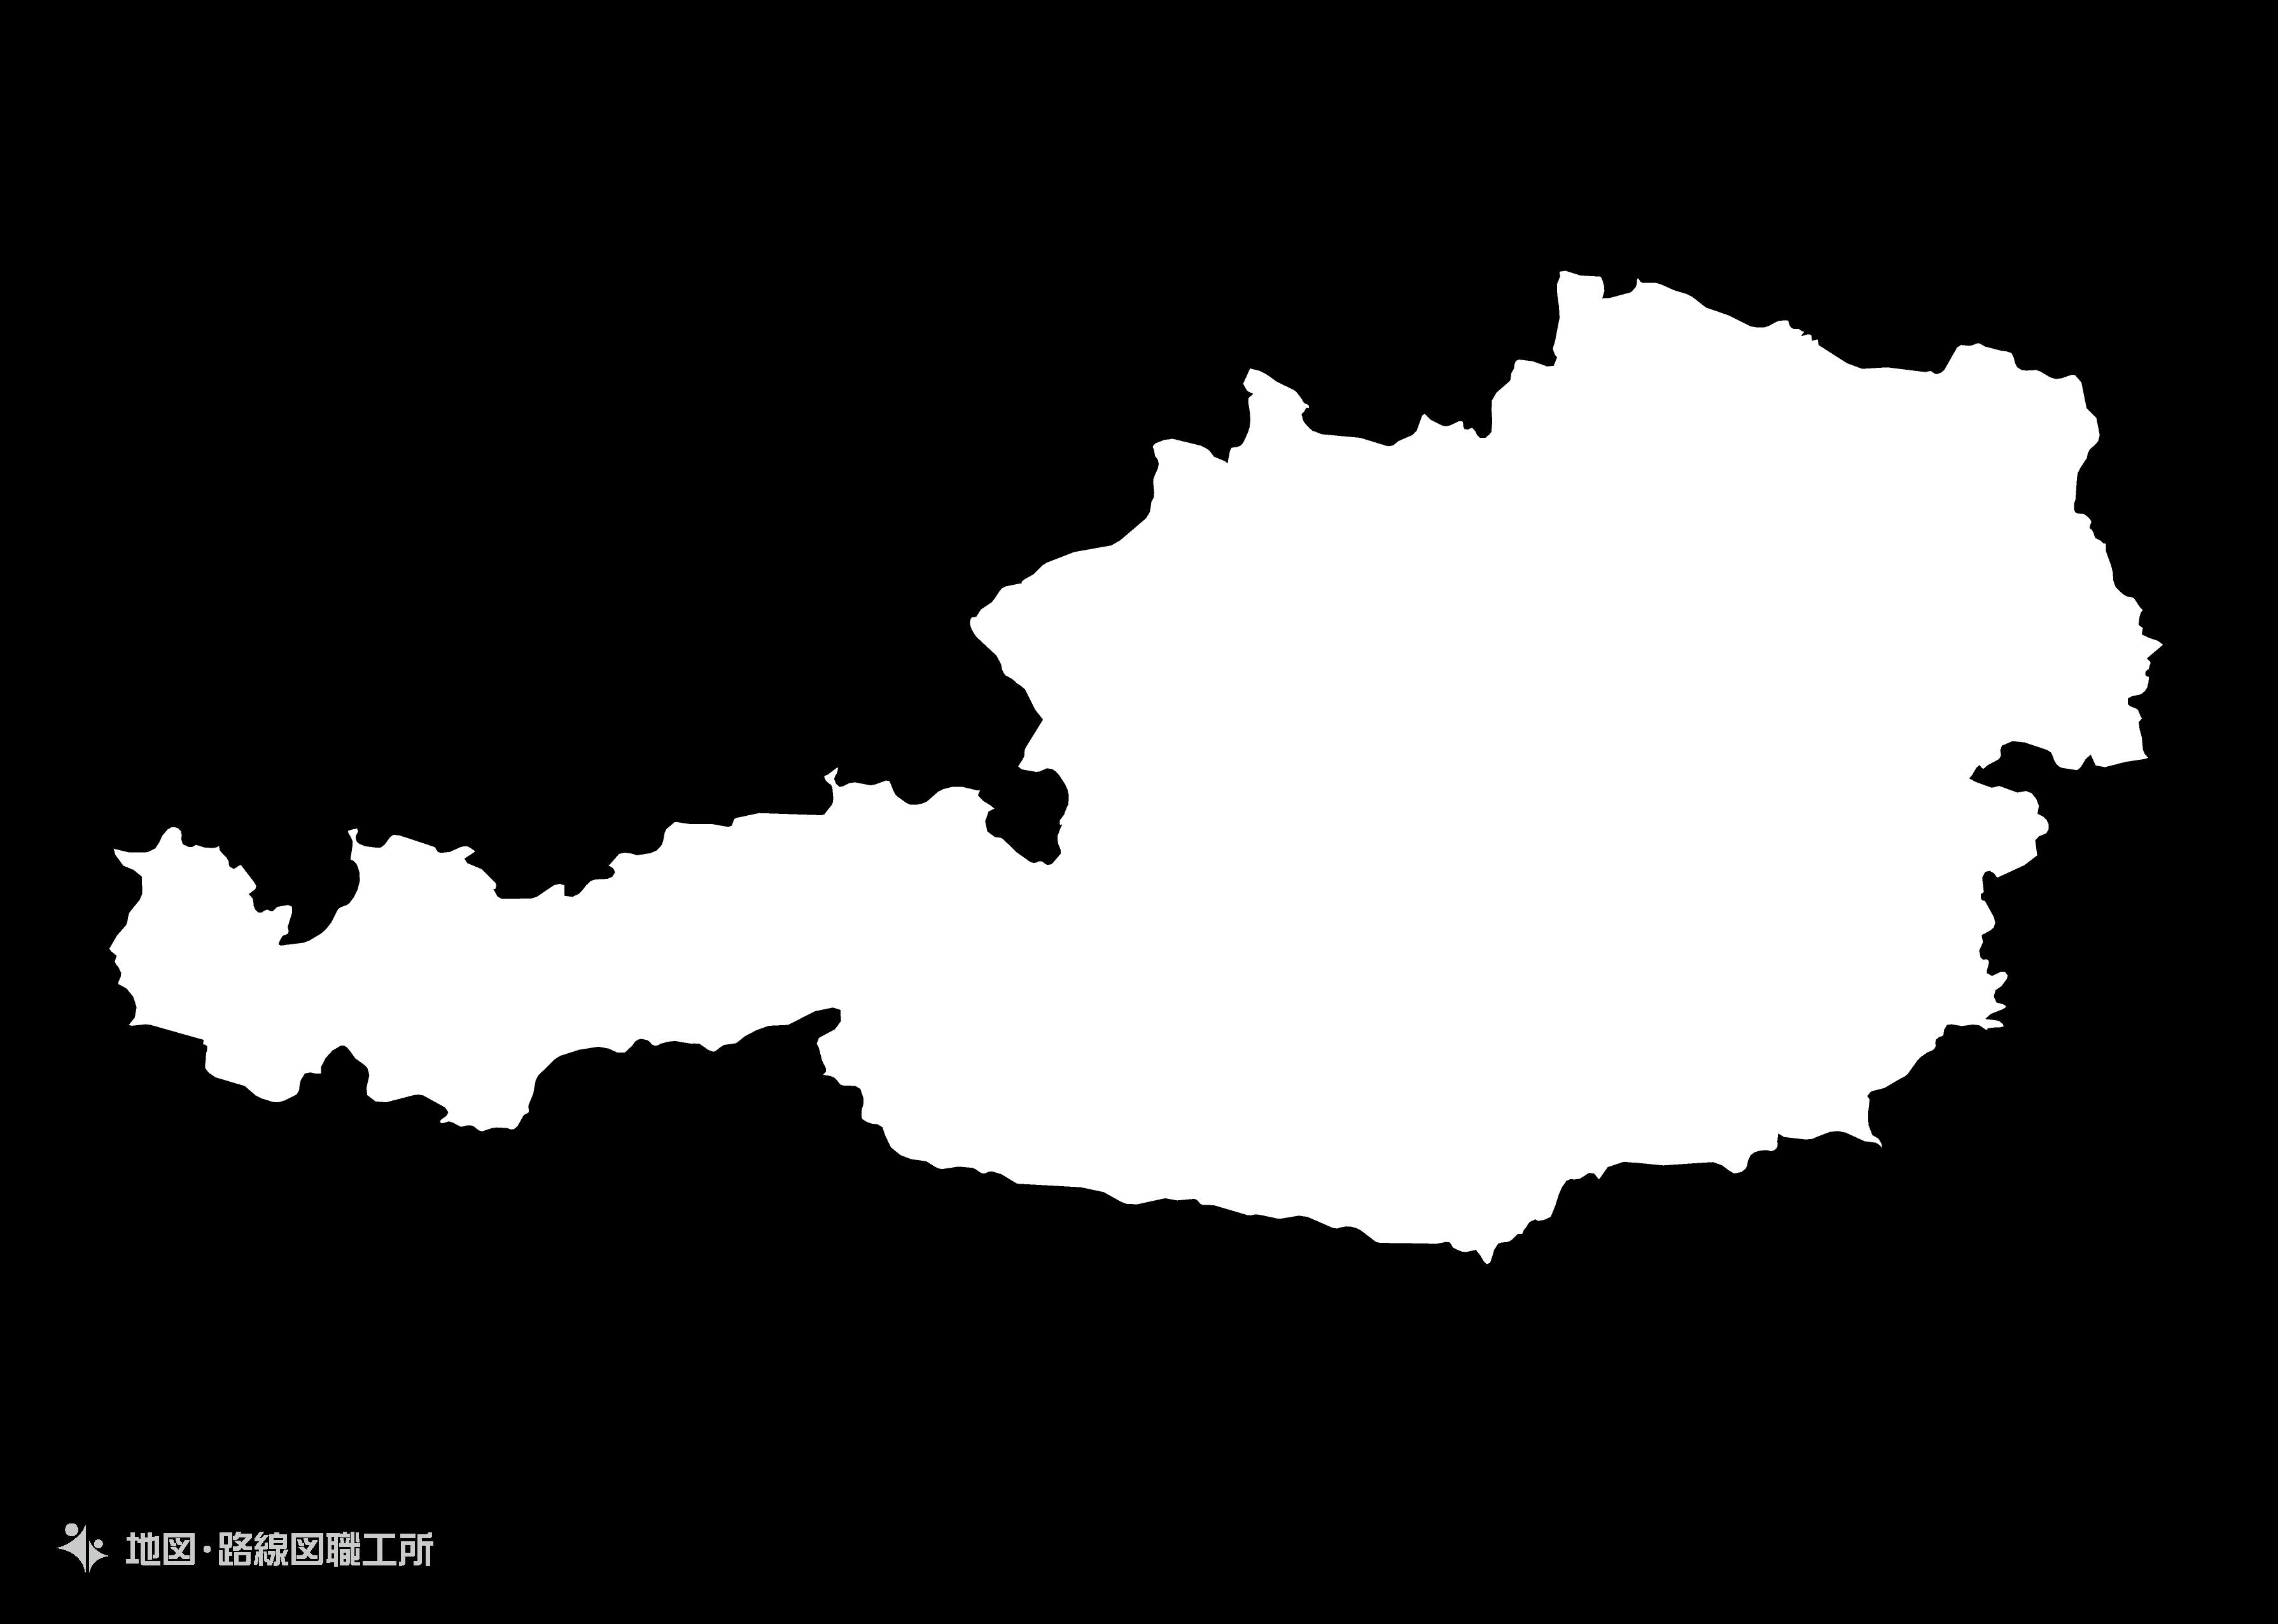 世界の白地図 オーストリア共和国 republic-of-austria map